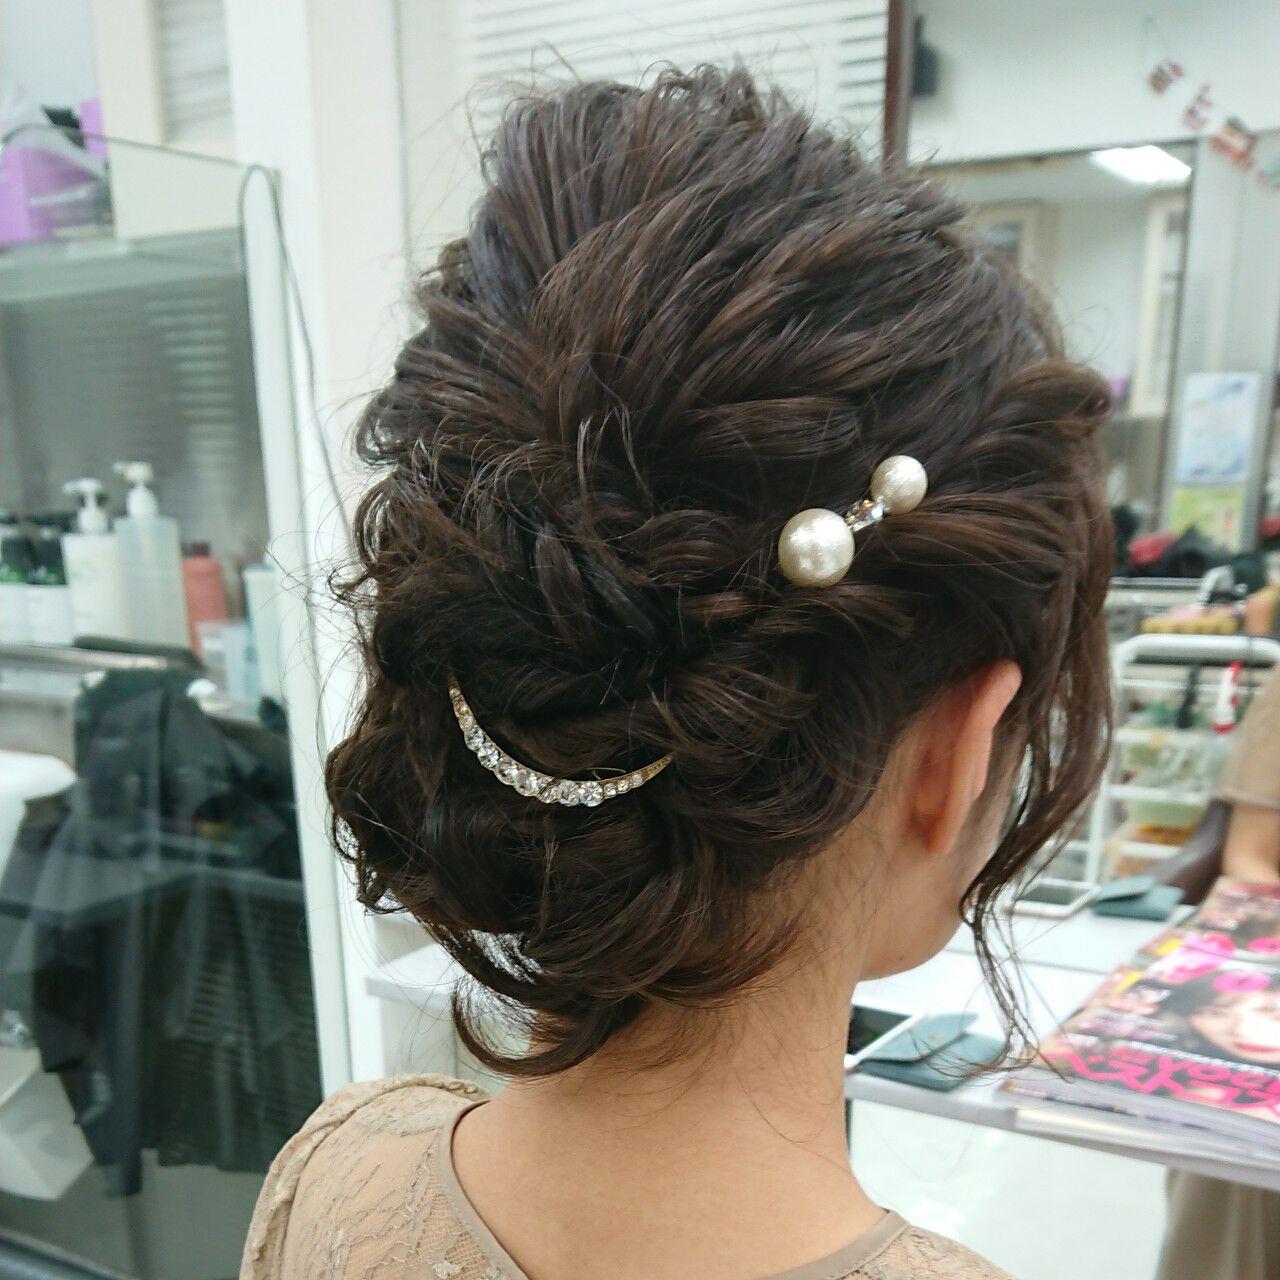 大人女子 結婚式ヘアアレンジ ヘアセット ミディアムヘアスタイルや髪型の写真・画像